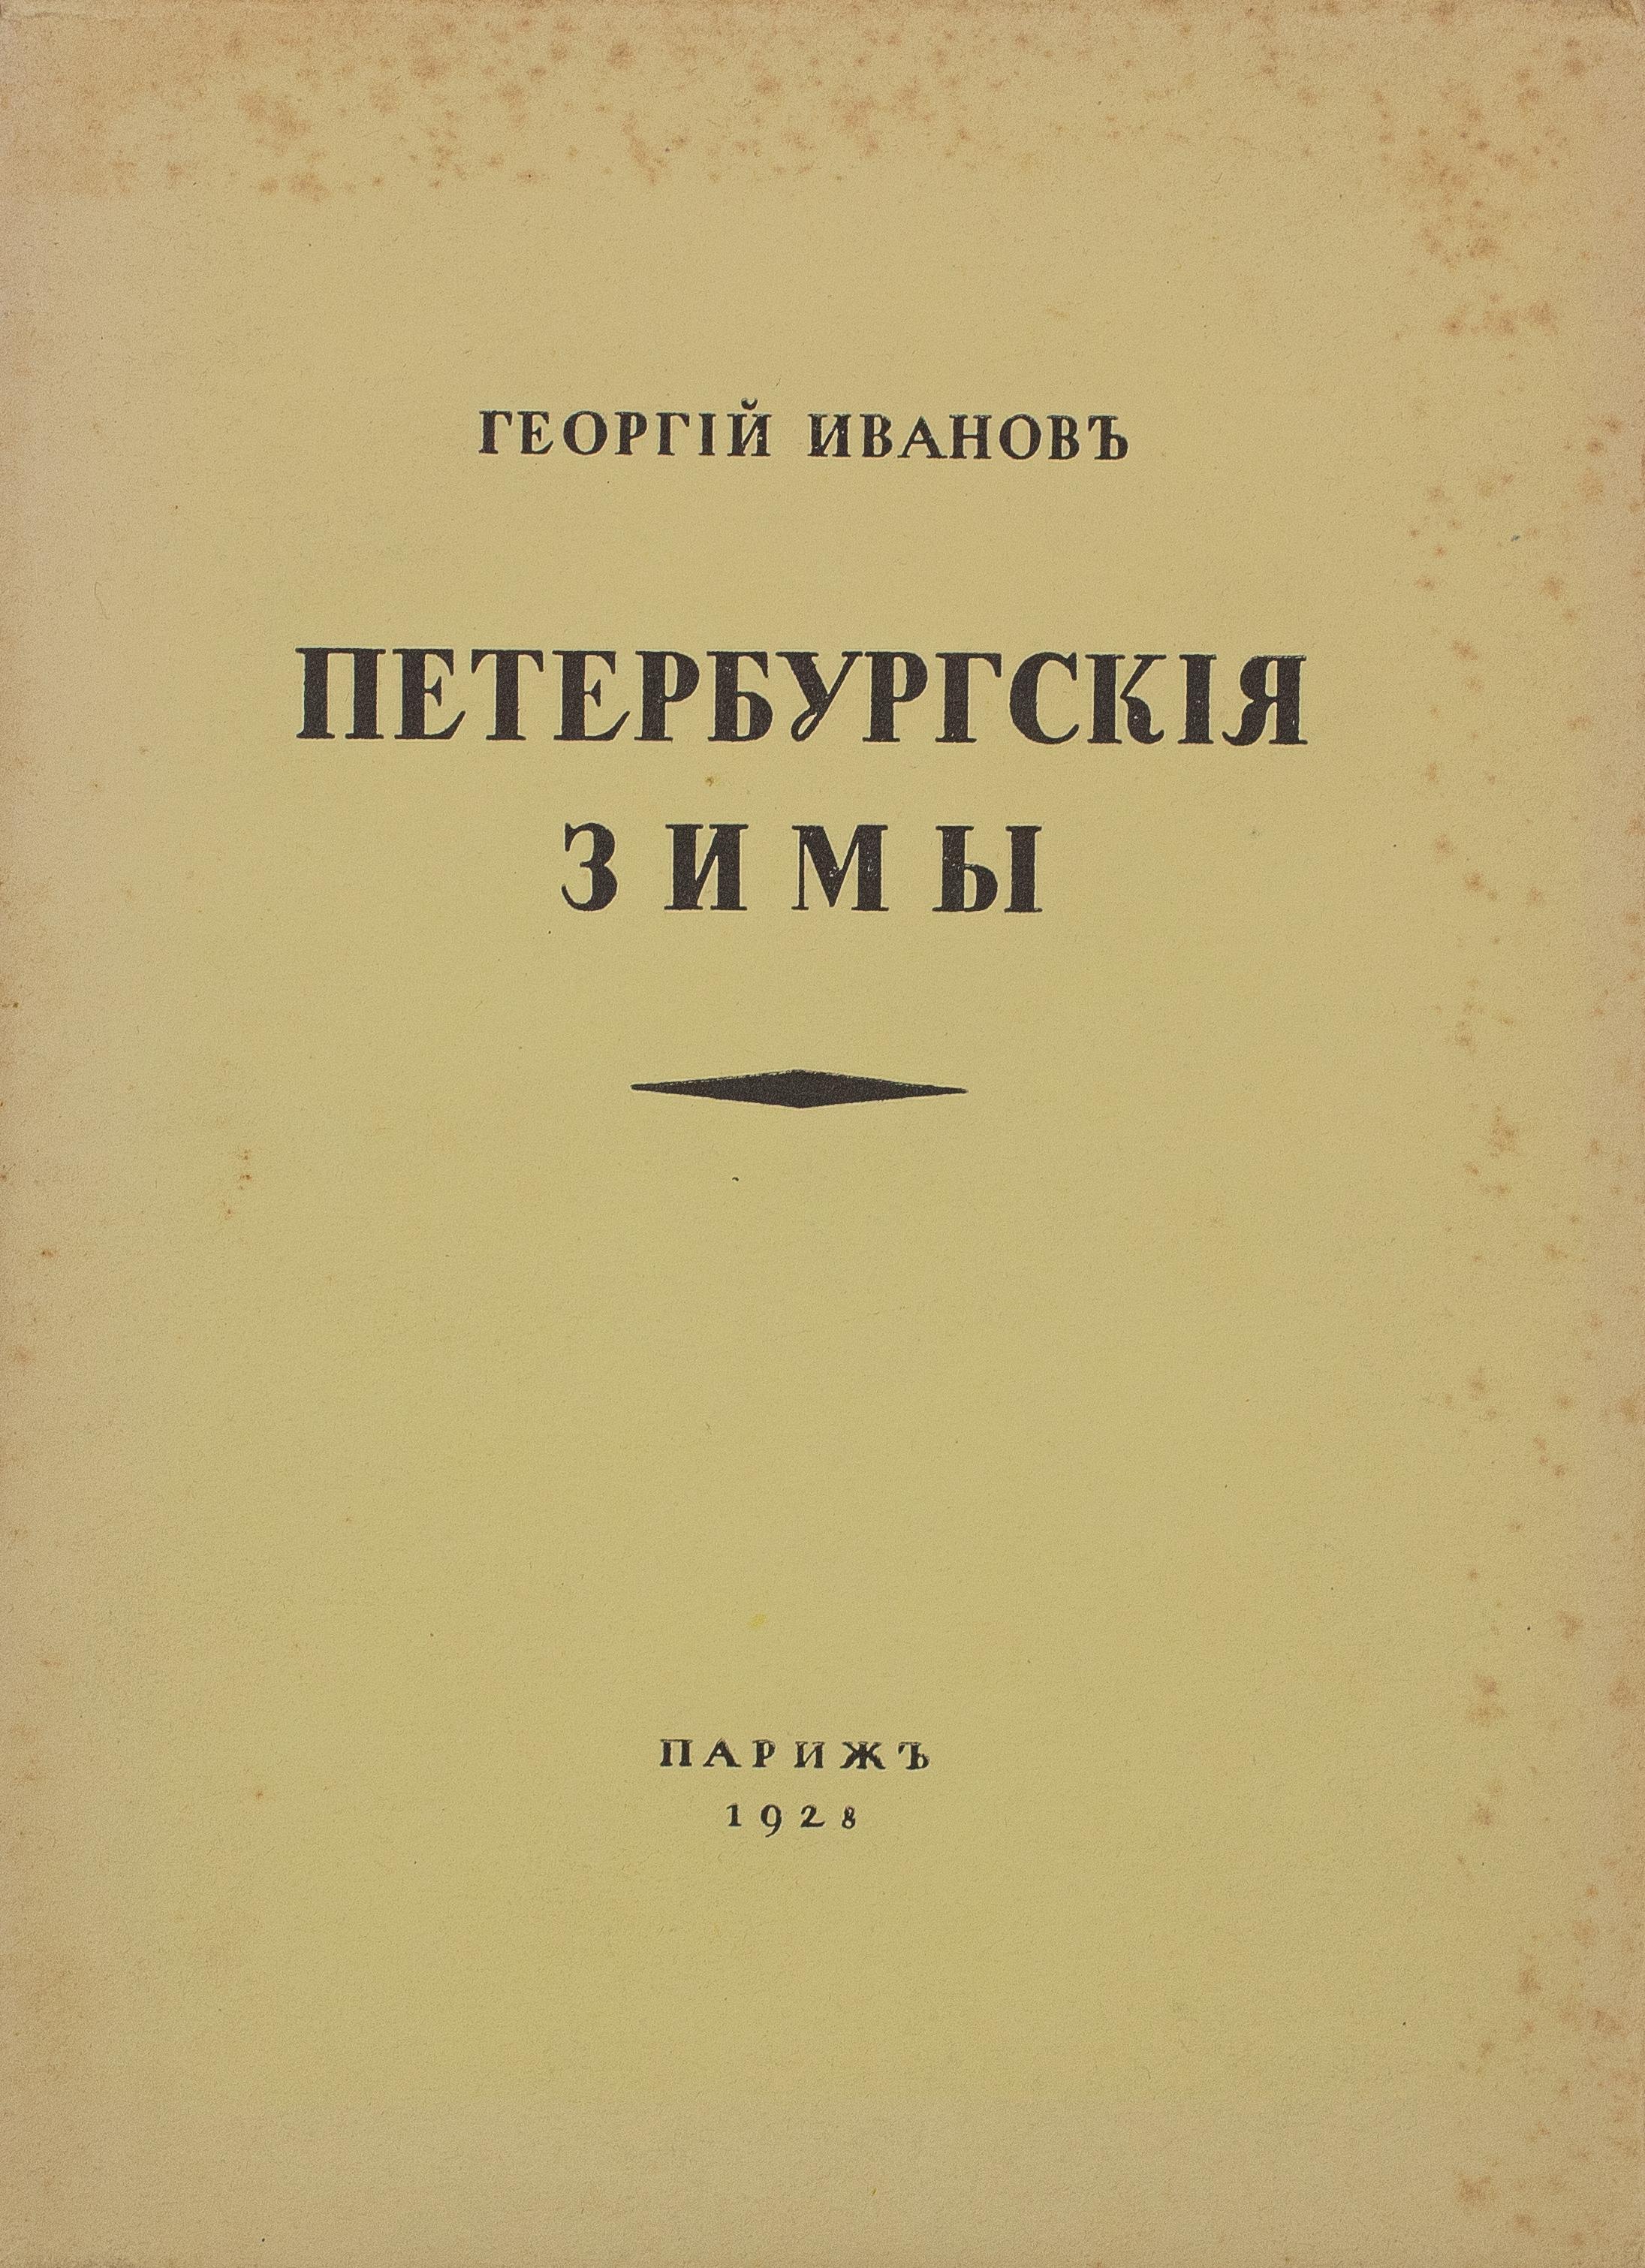 Lot 423 - IVANOV, Georges. Les hivers de Saint-Pétersbourg. Paris, La Source, 1928. ÉDITION [...]